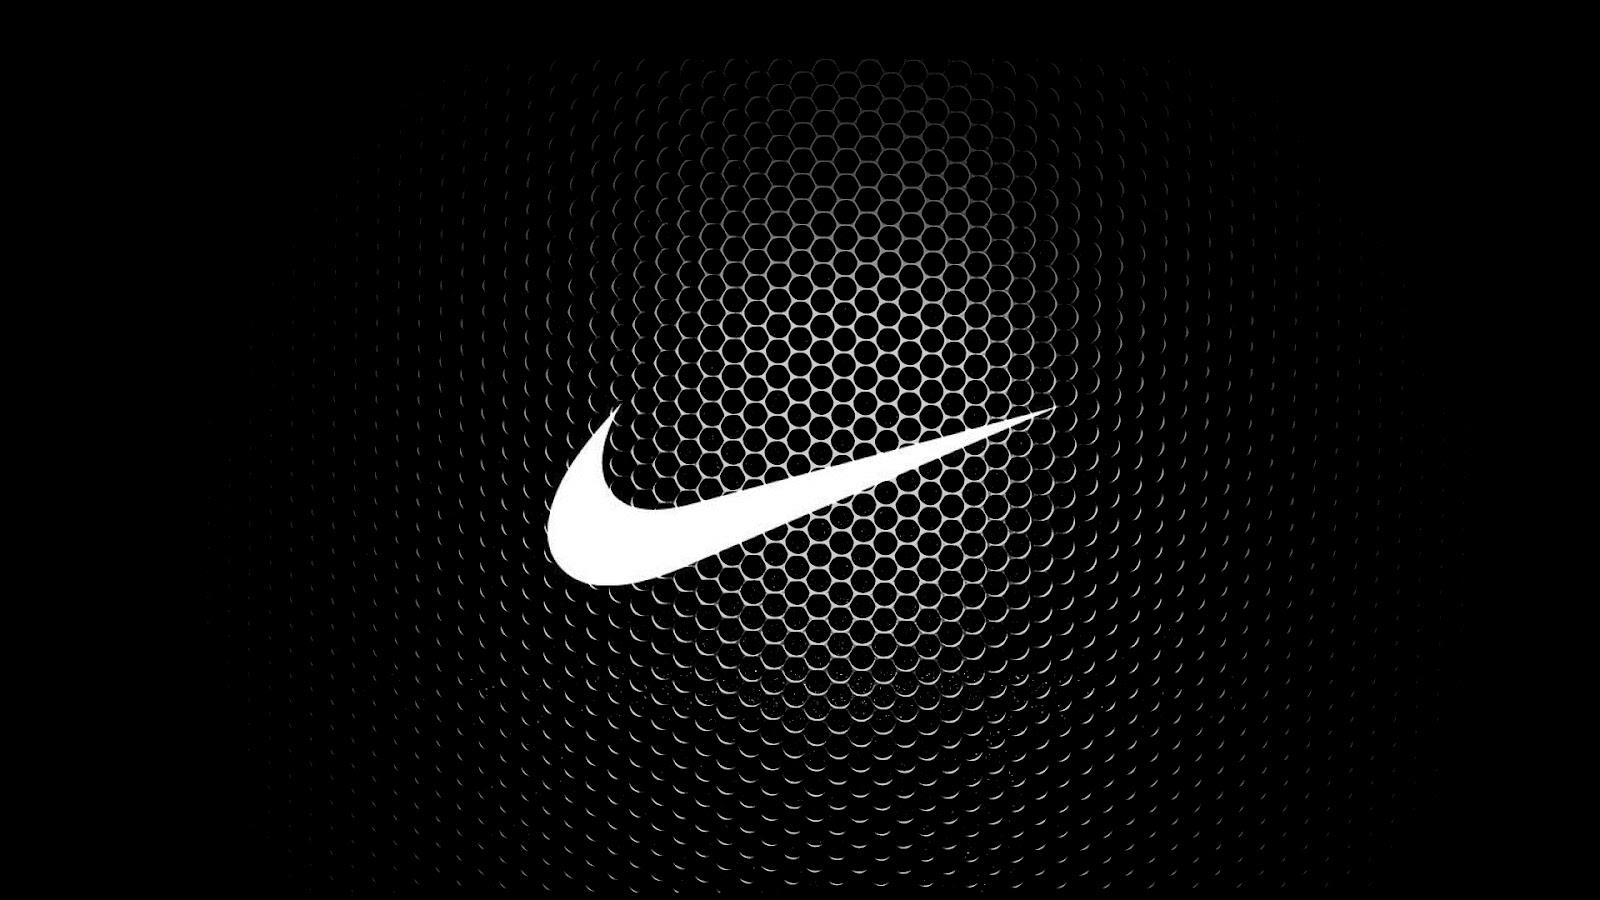 Nike Desktop Wallpaper 1600x900